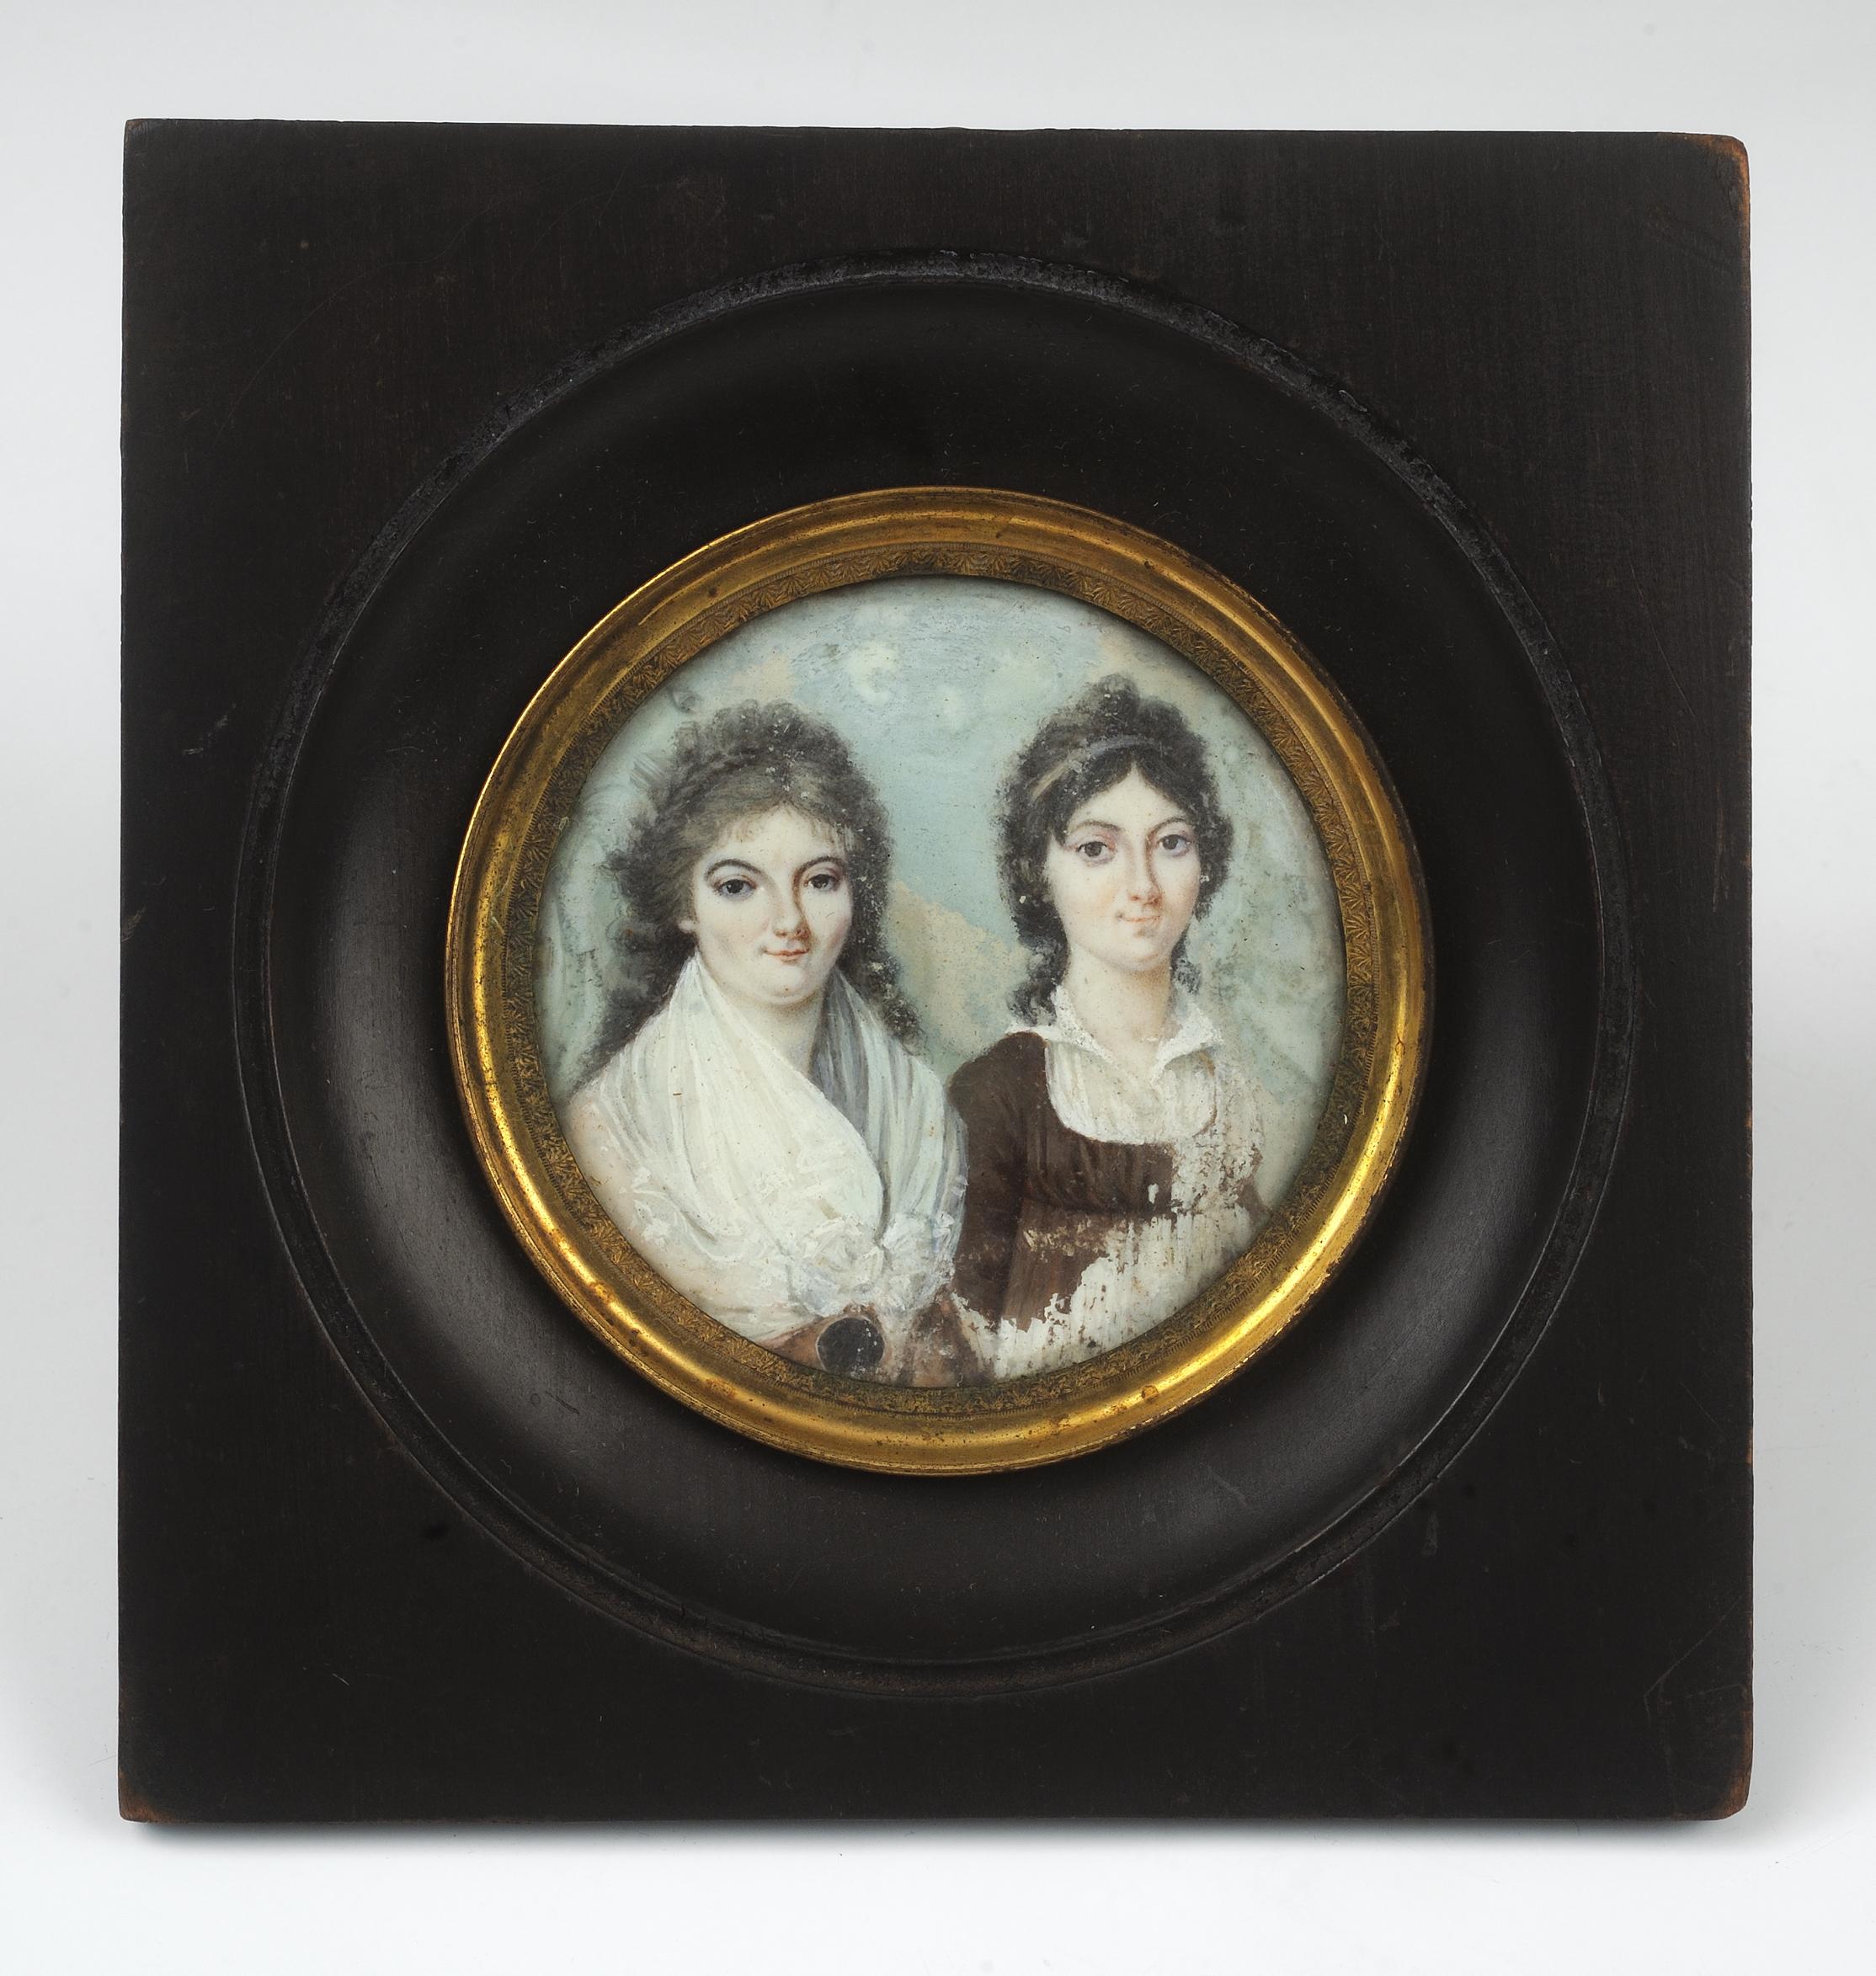 Amelie and Melanie de Grasse portrait miniature, ca. 1794-1799